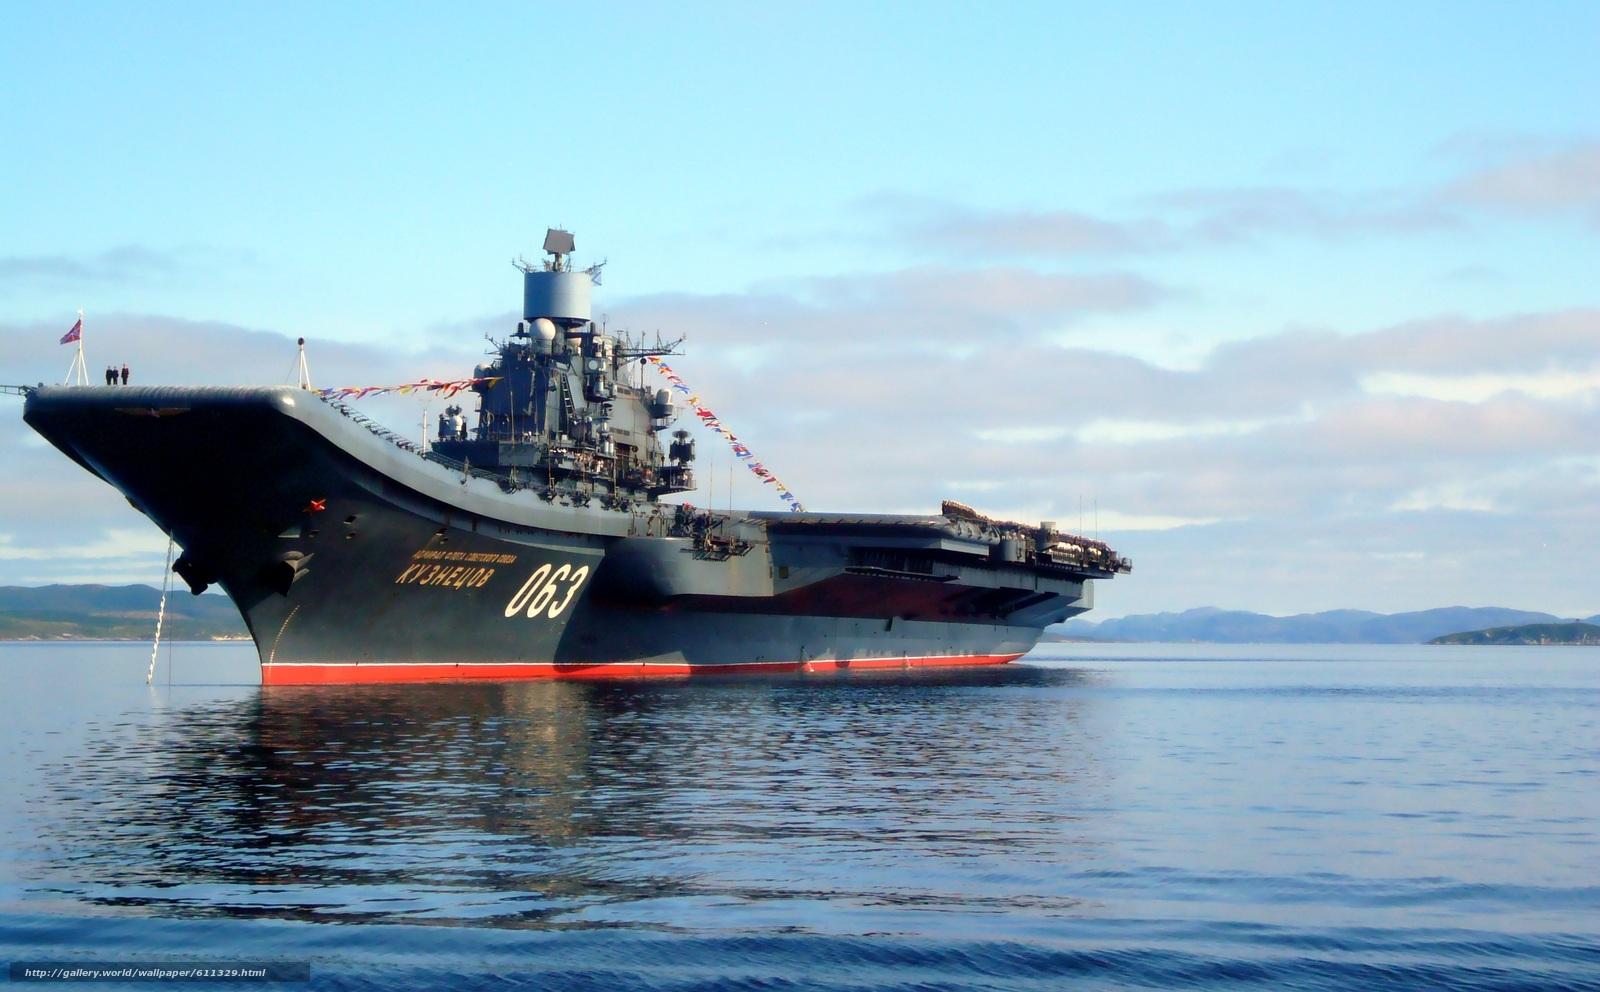 Скачать на телефон обои фото картинку на тему авианосец, адмирал, кузнецов, СССР, корабль, россия, флот, вмф, армия, оружие, разширение 3072x1904